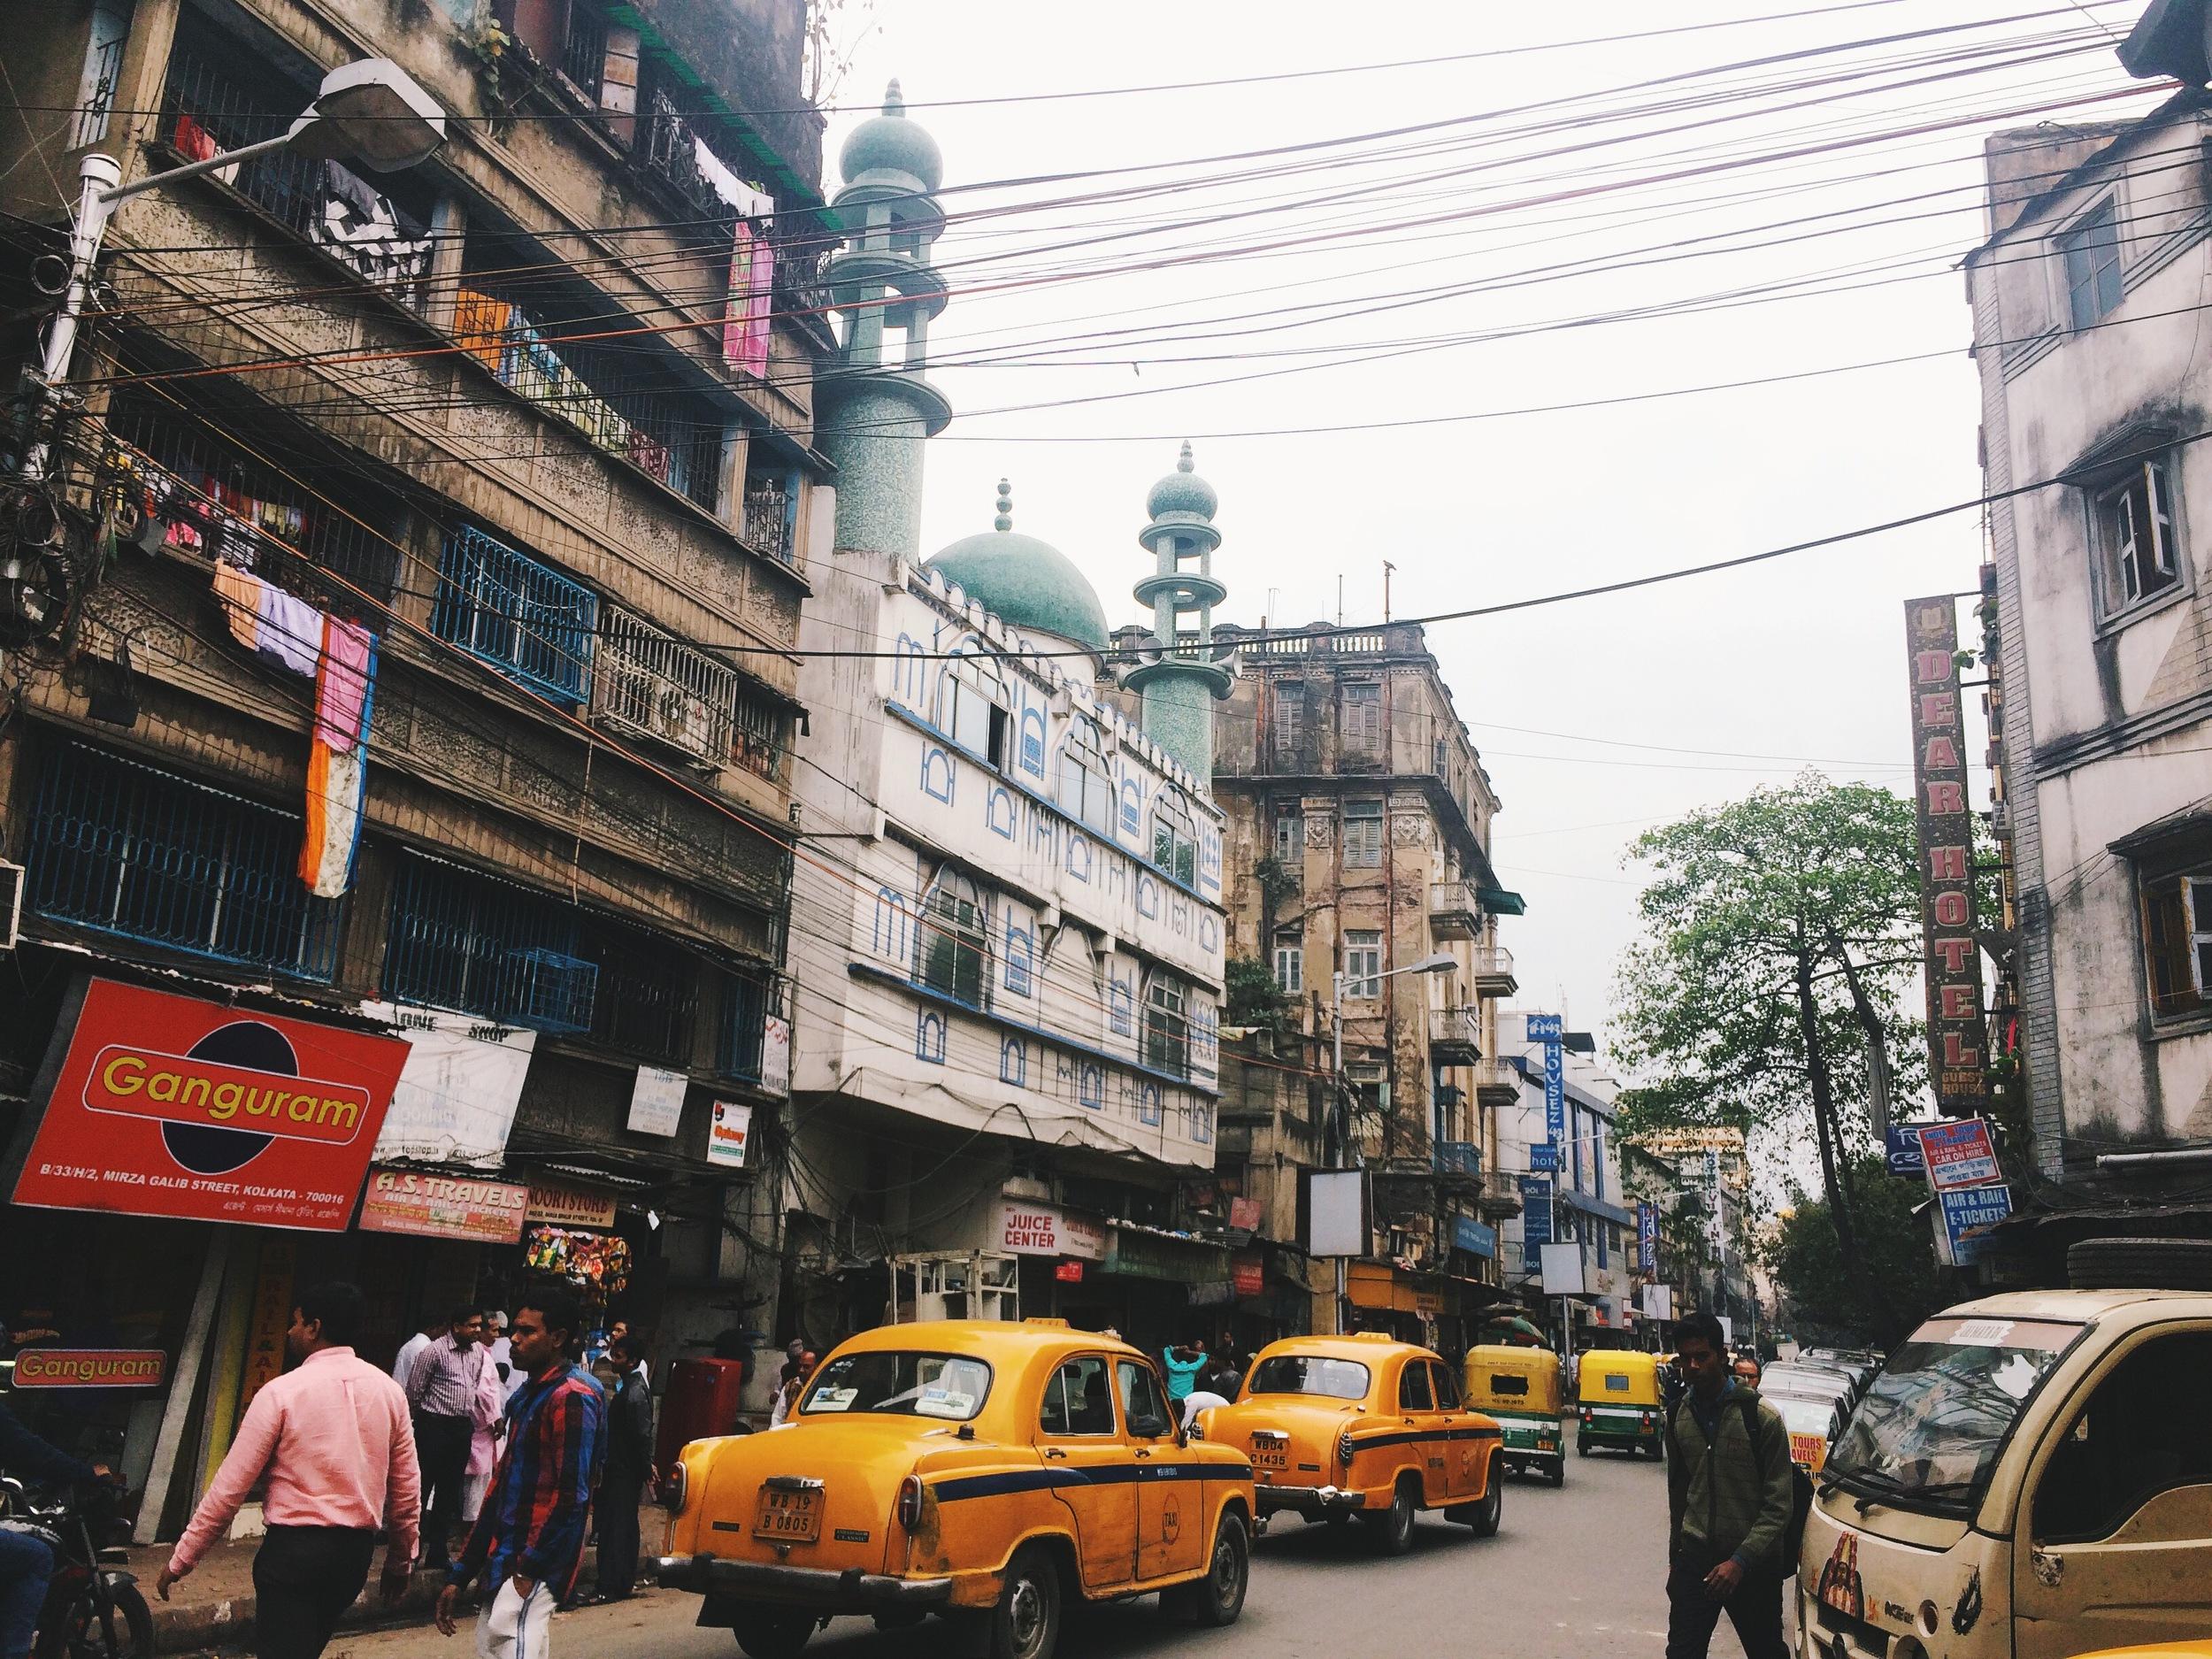 Mirza Ghalib Street